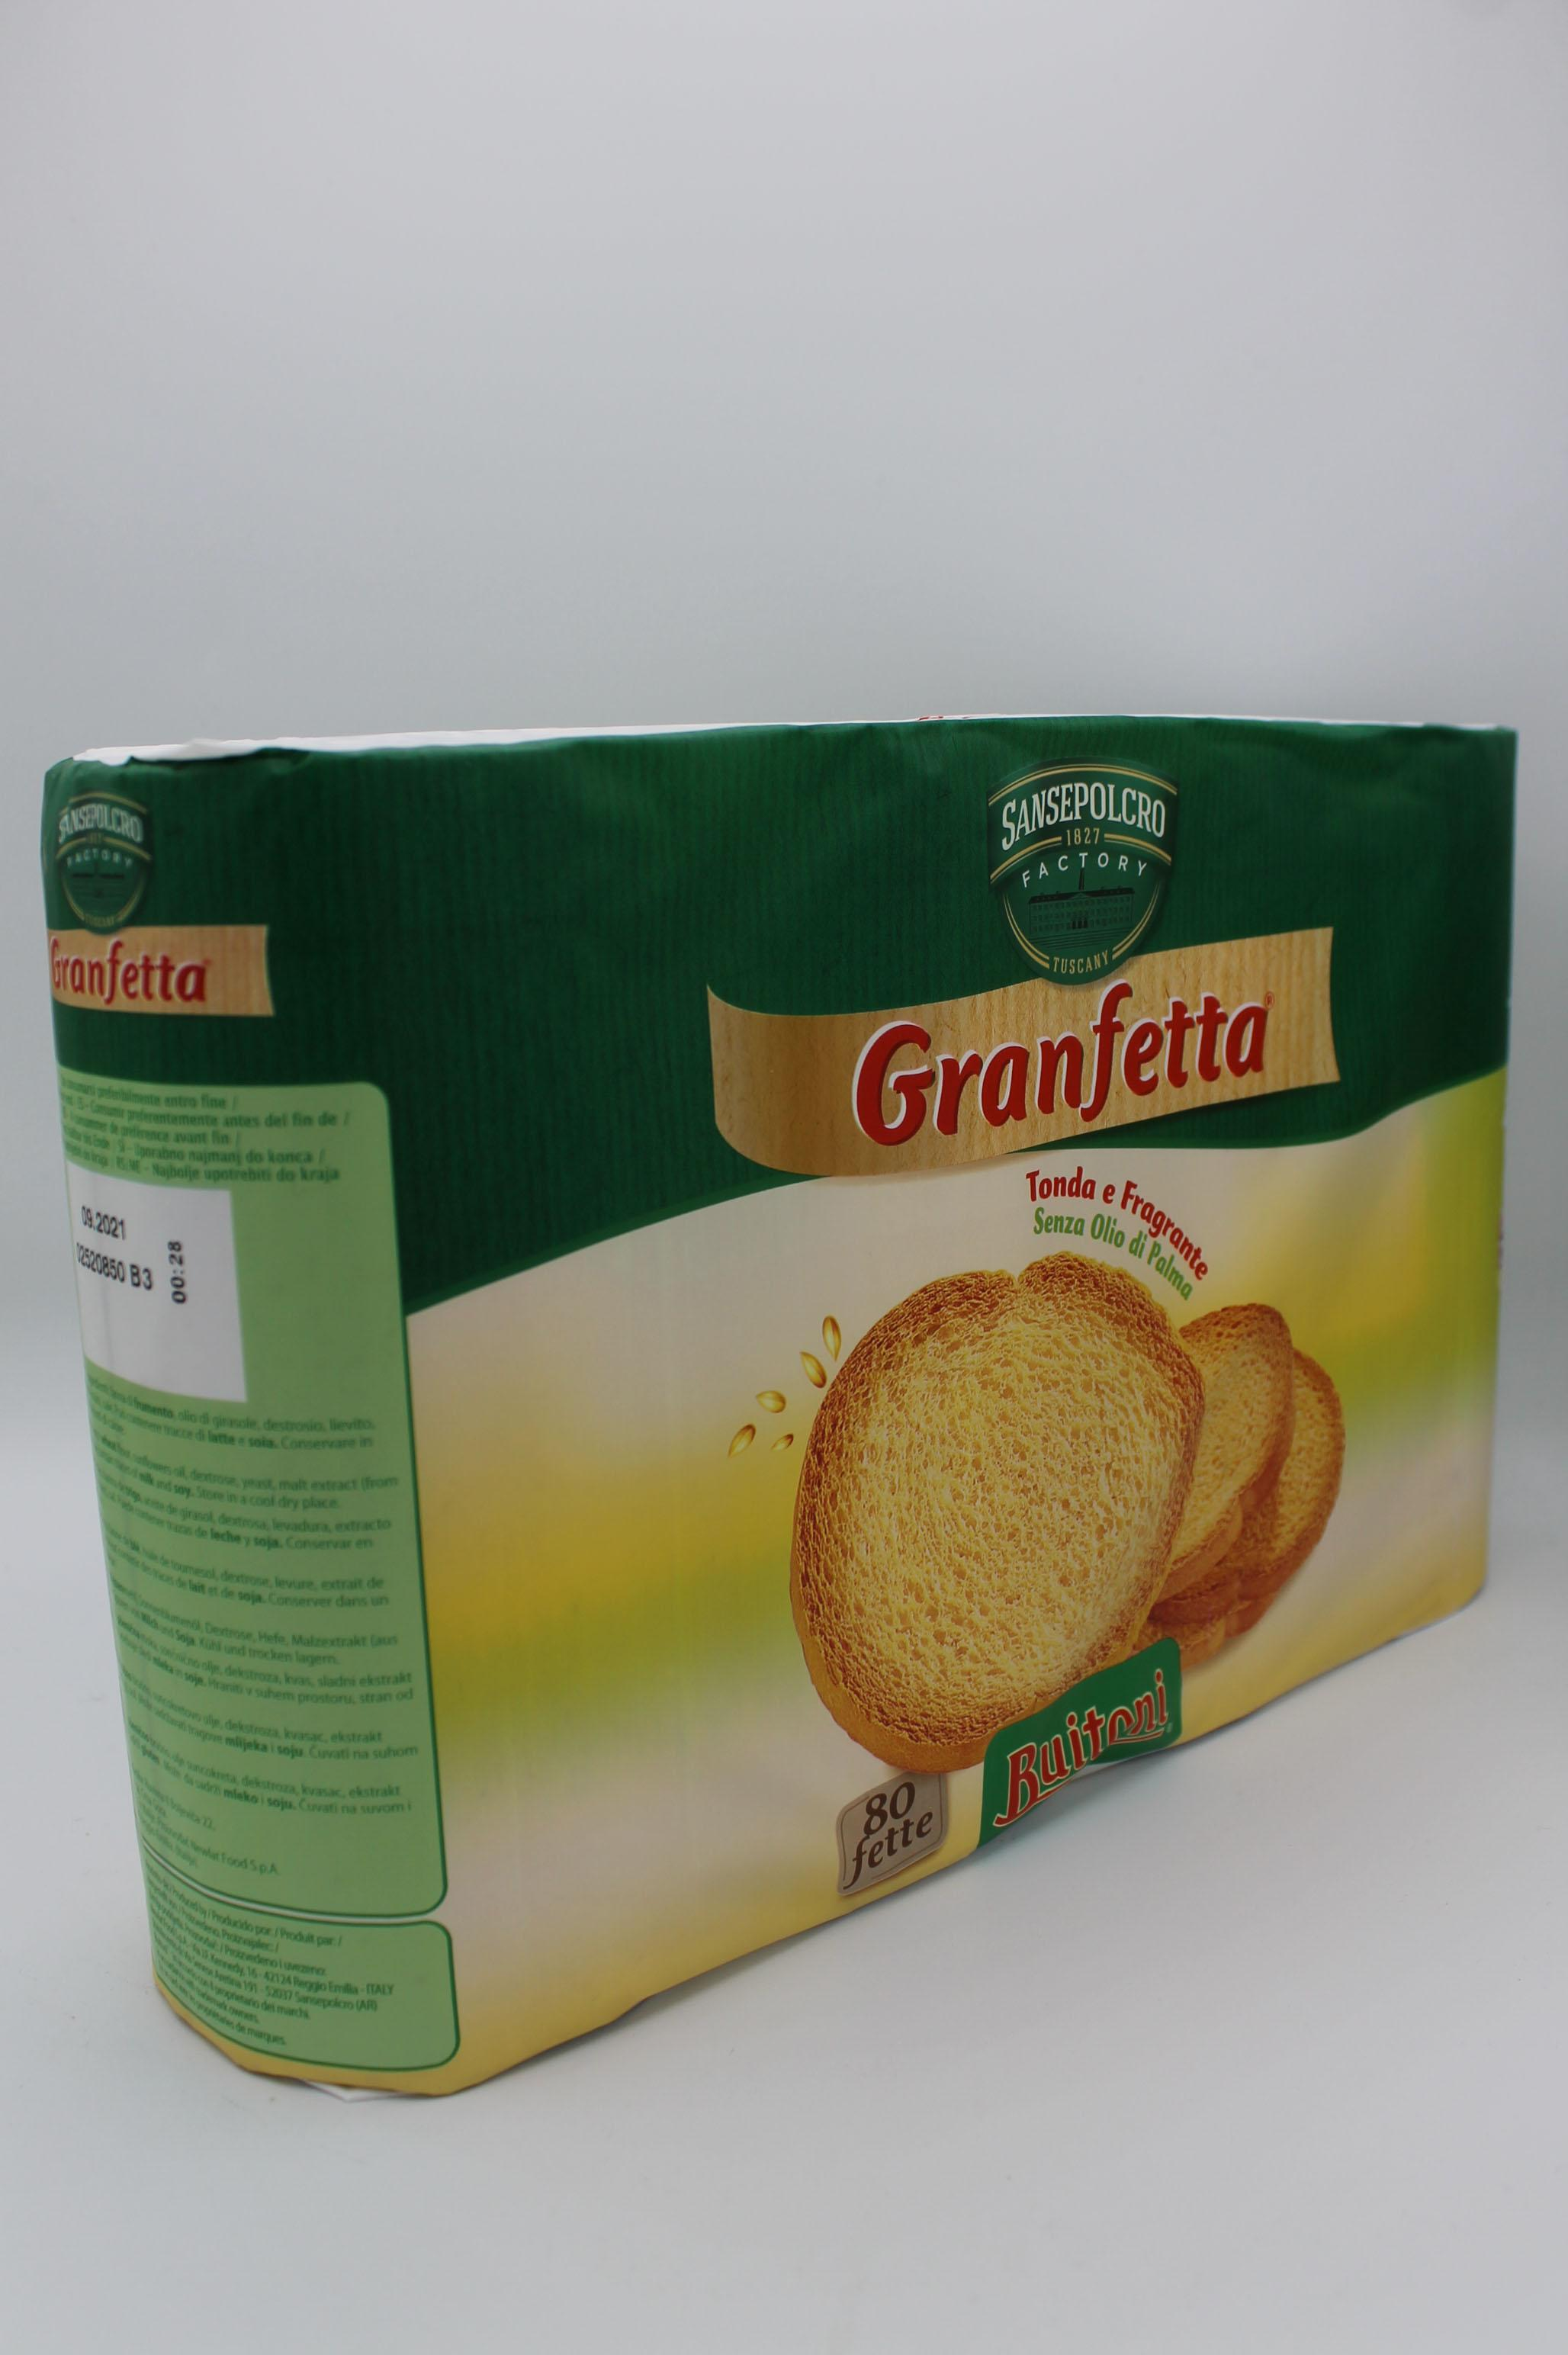 Buitoni fette biscottate 600 gr assortite.